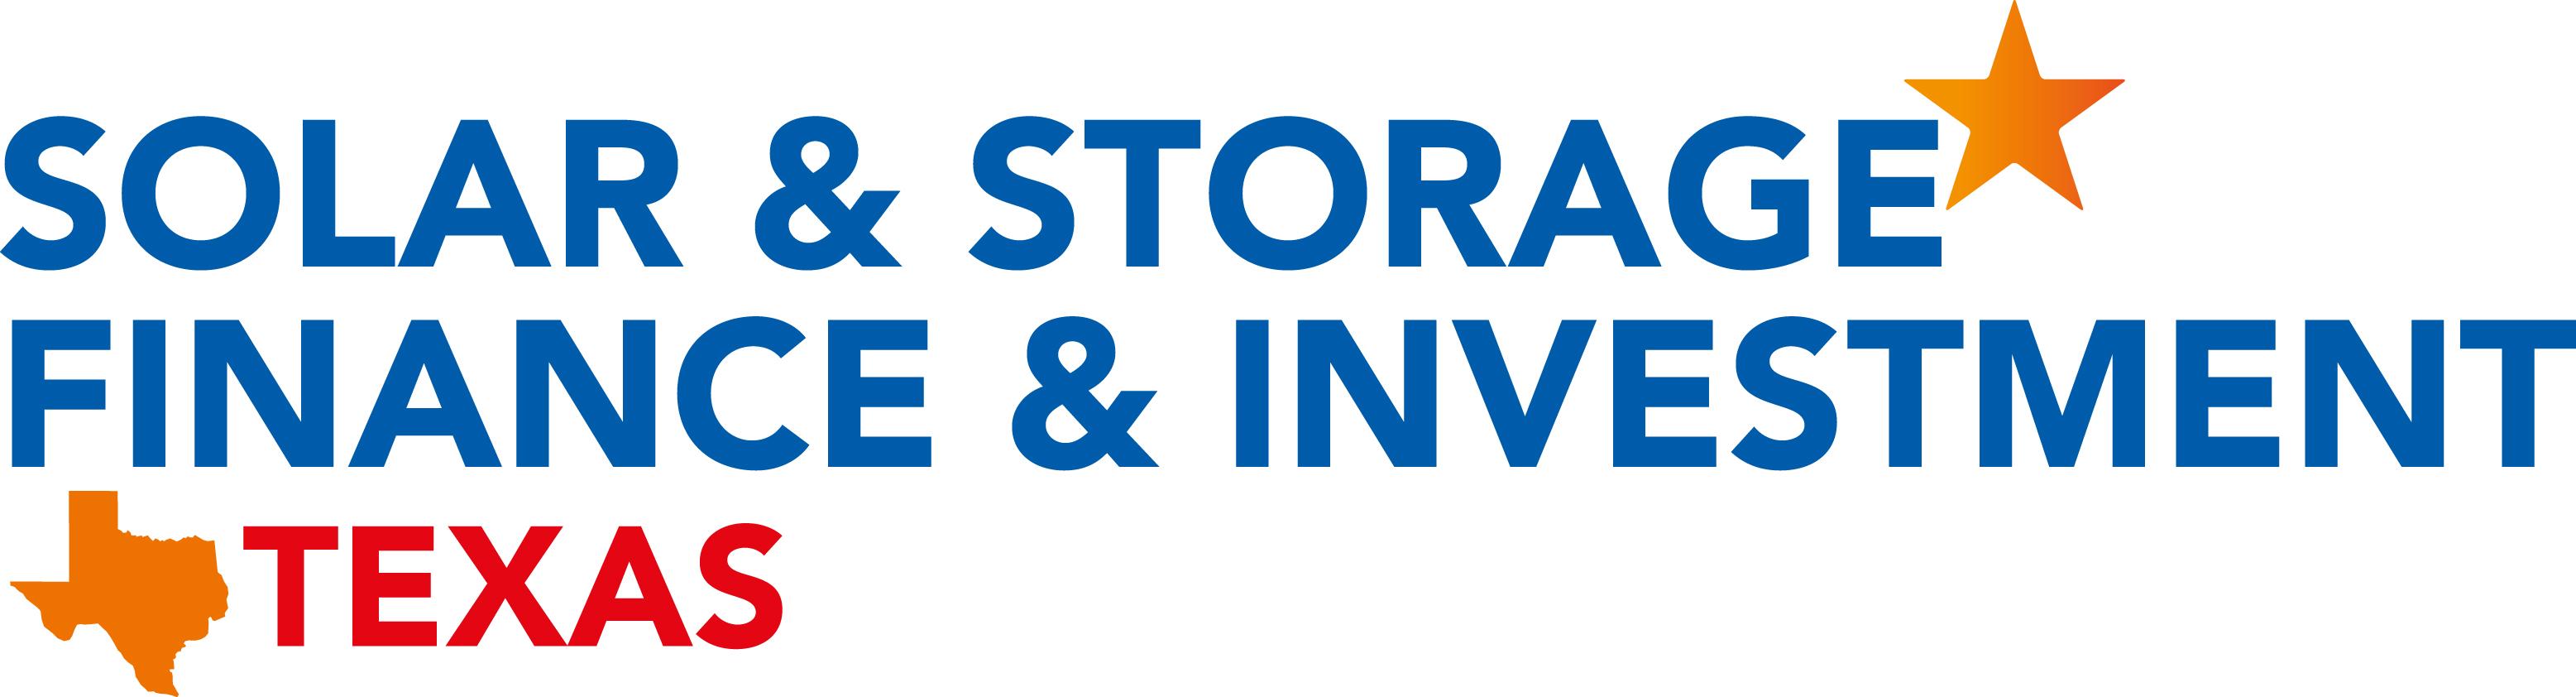 Solar & Storage Finance & Investment Texas